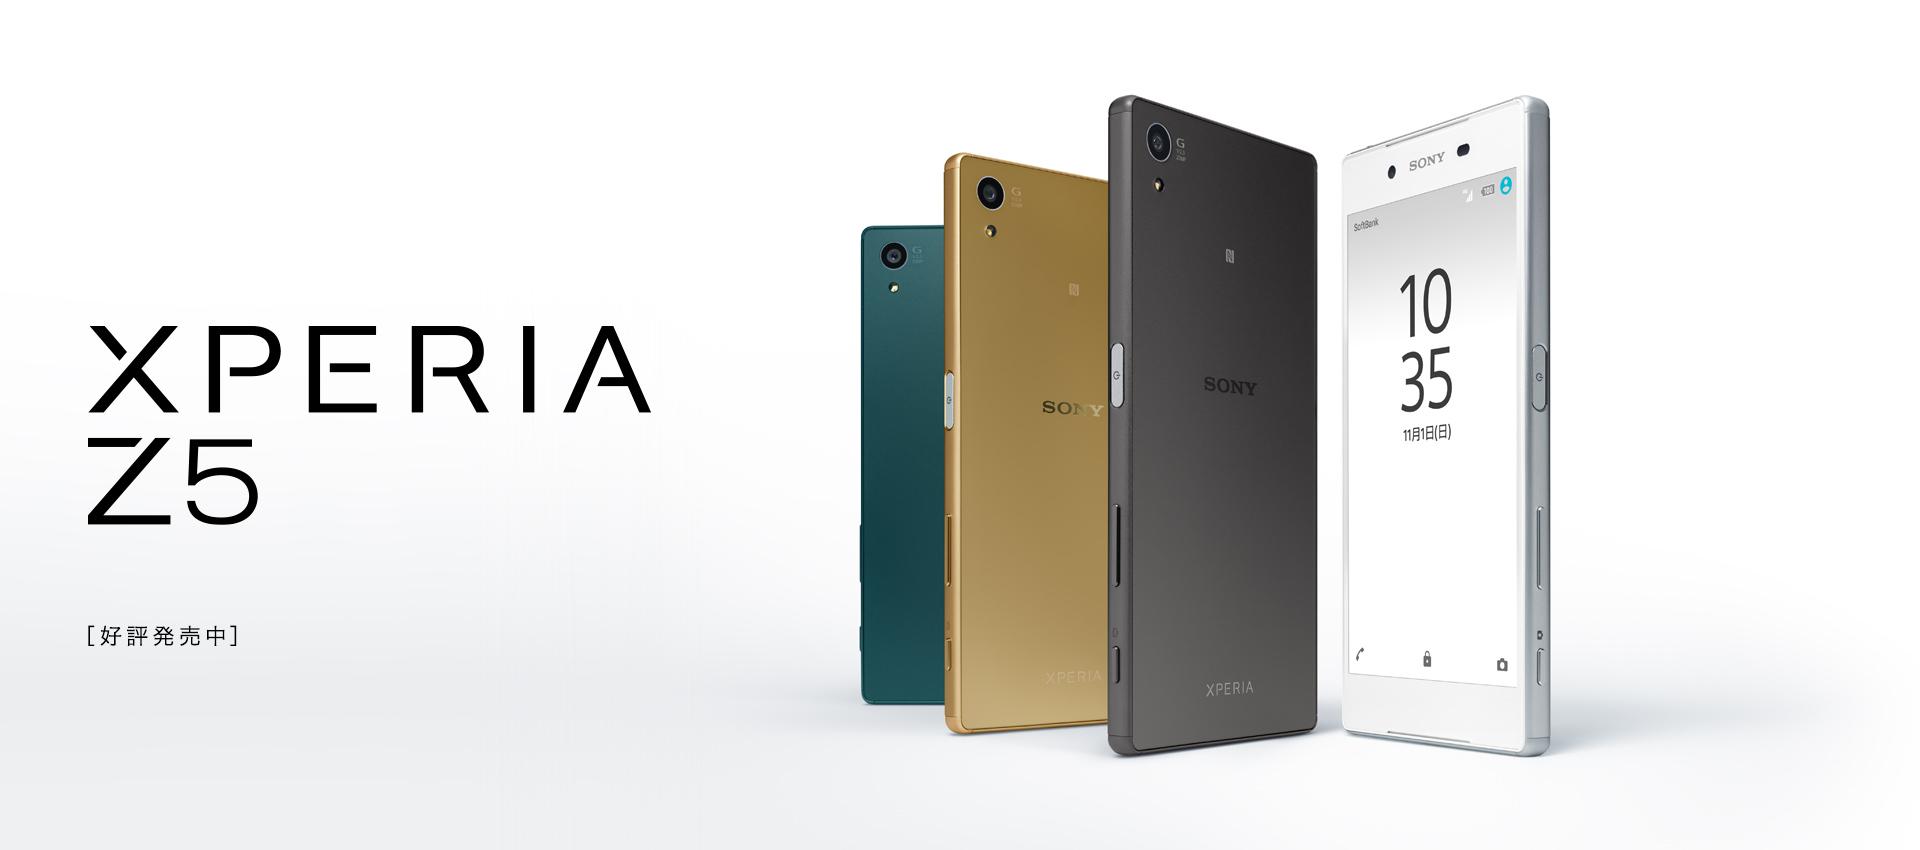 Sony Xperia Z5 ma konkretne problemy z wydajno¶ci± od czasu aktualizacji do Androida 7.1.1